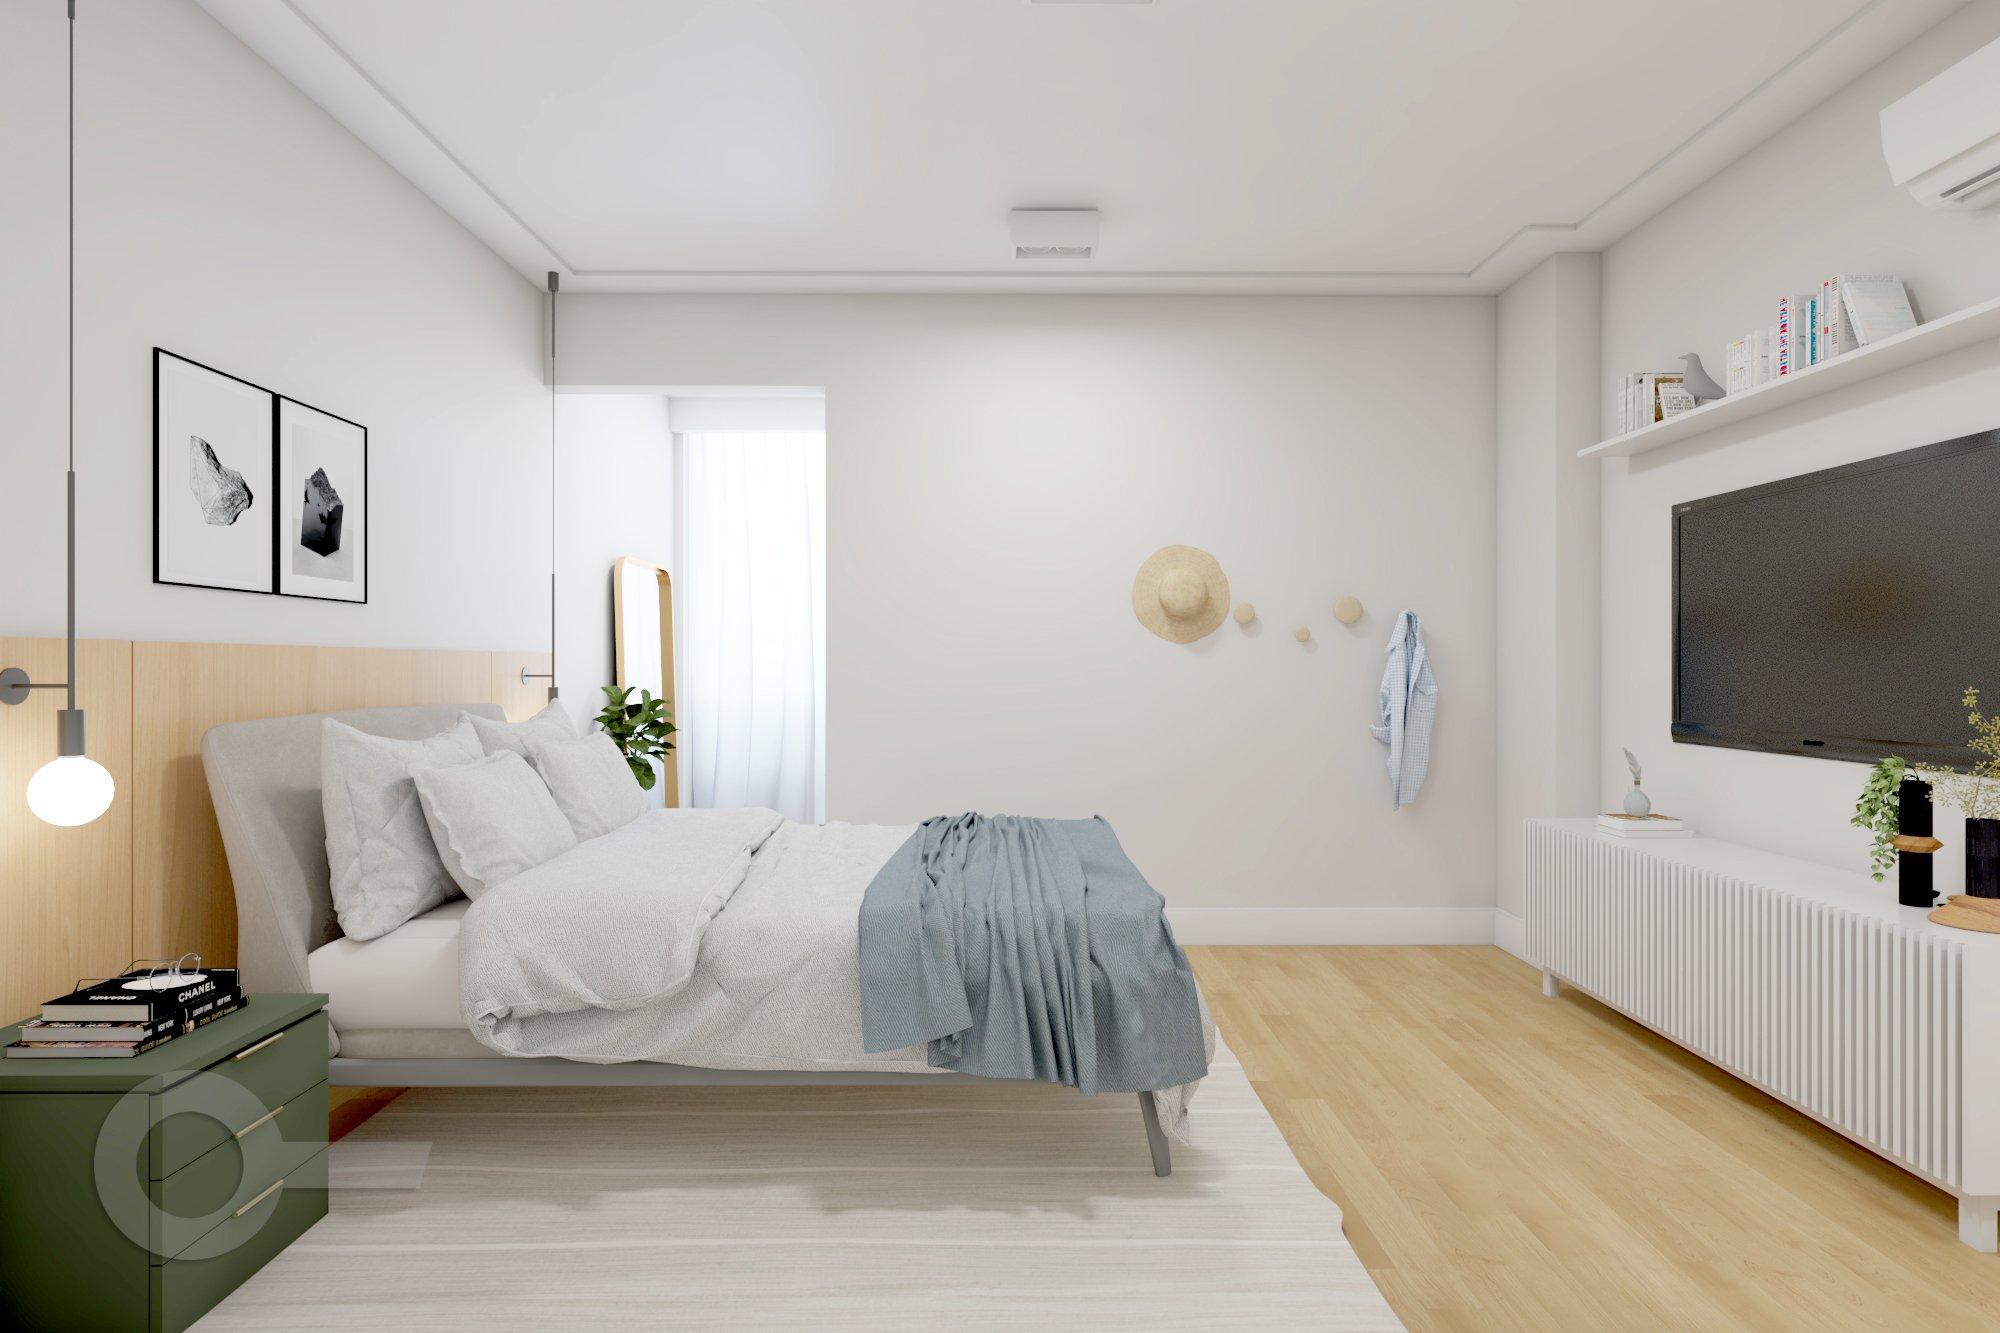 Foto de Sala com cama, vaso de planta, garrafa, livro